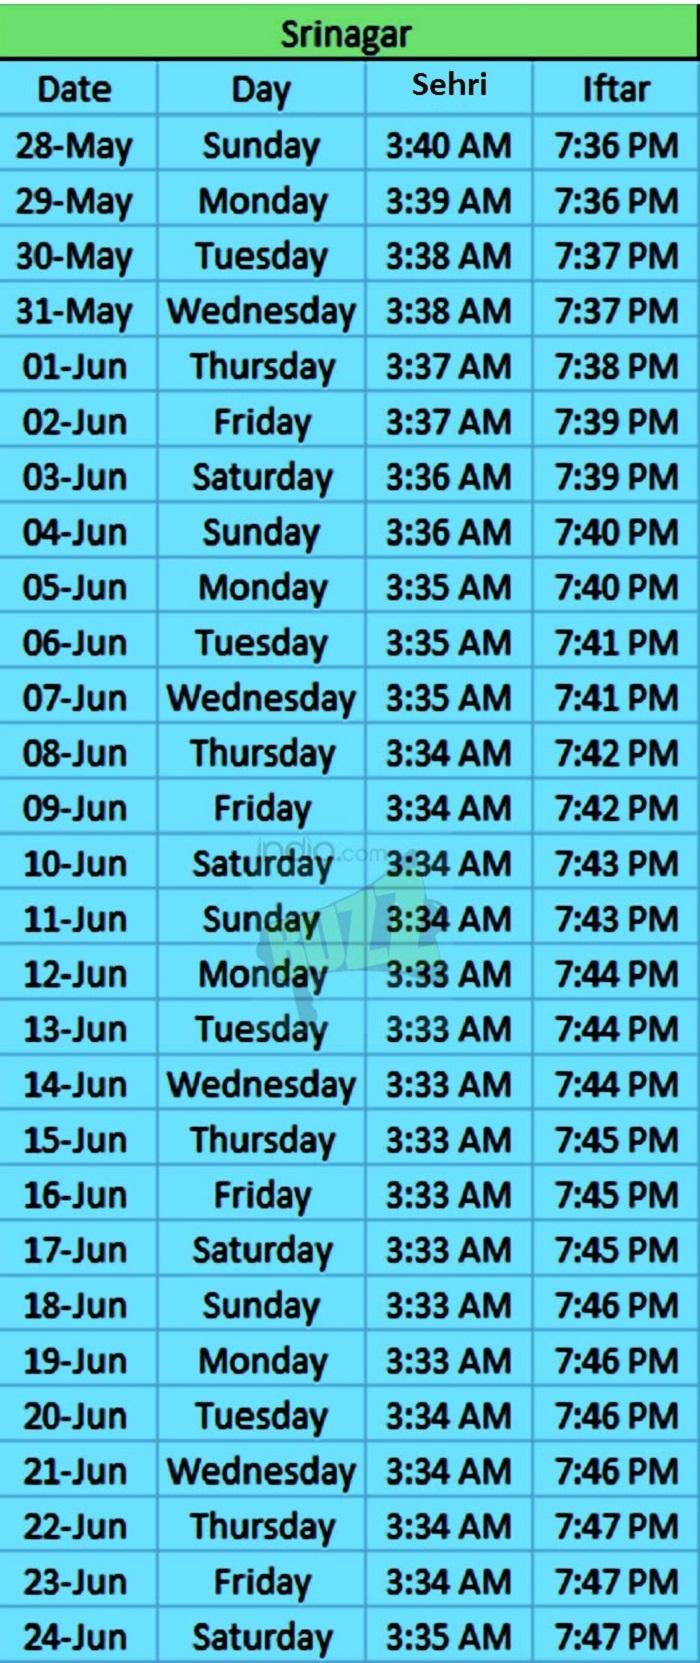 tempismo ramadan srinagar